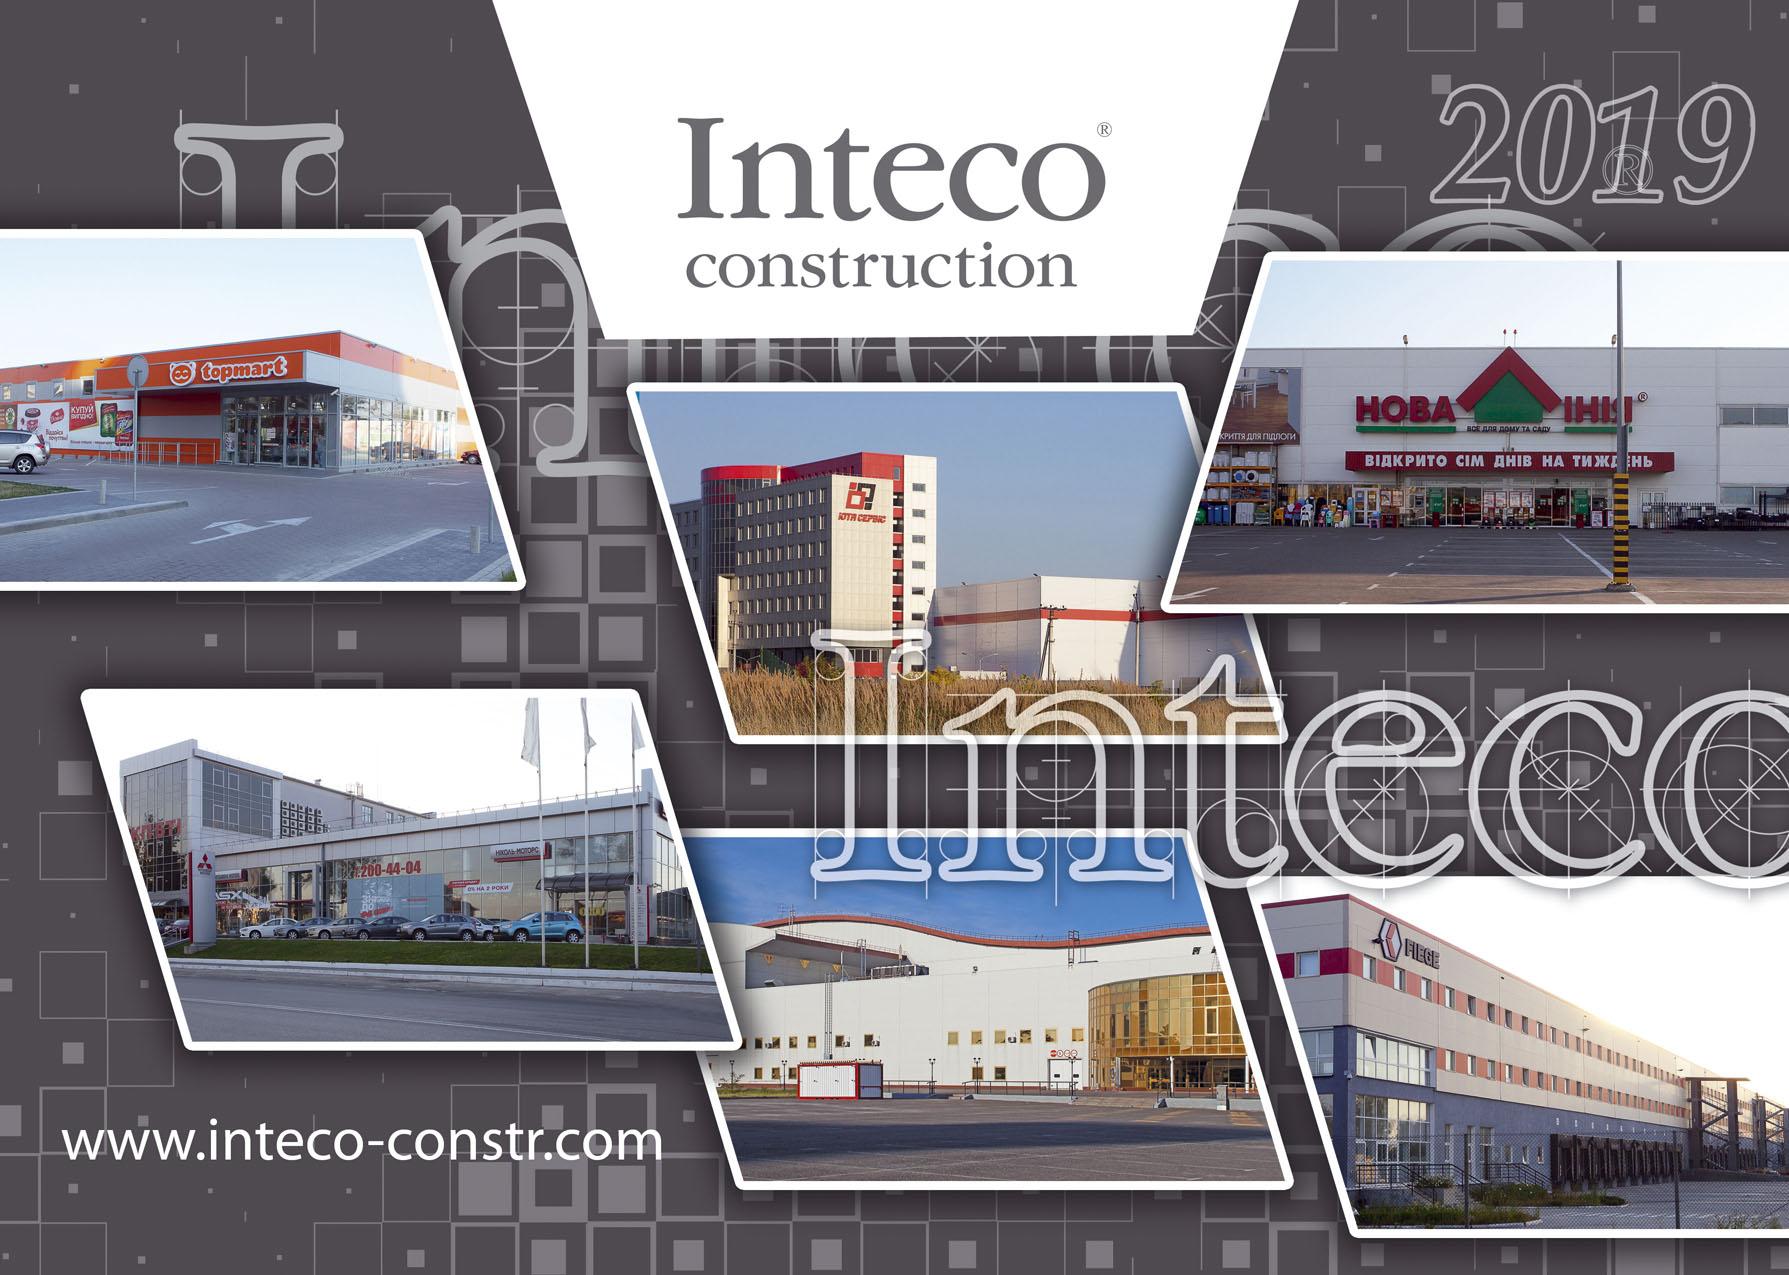 Дизайн квартального календаря Inteco 2019 вариант 03 www.makety.top